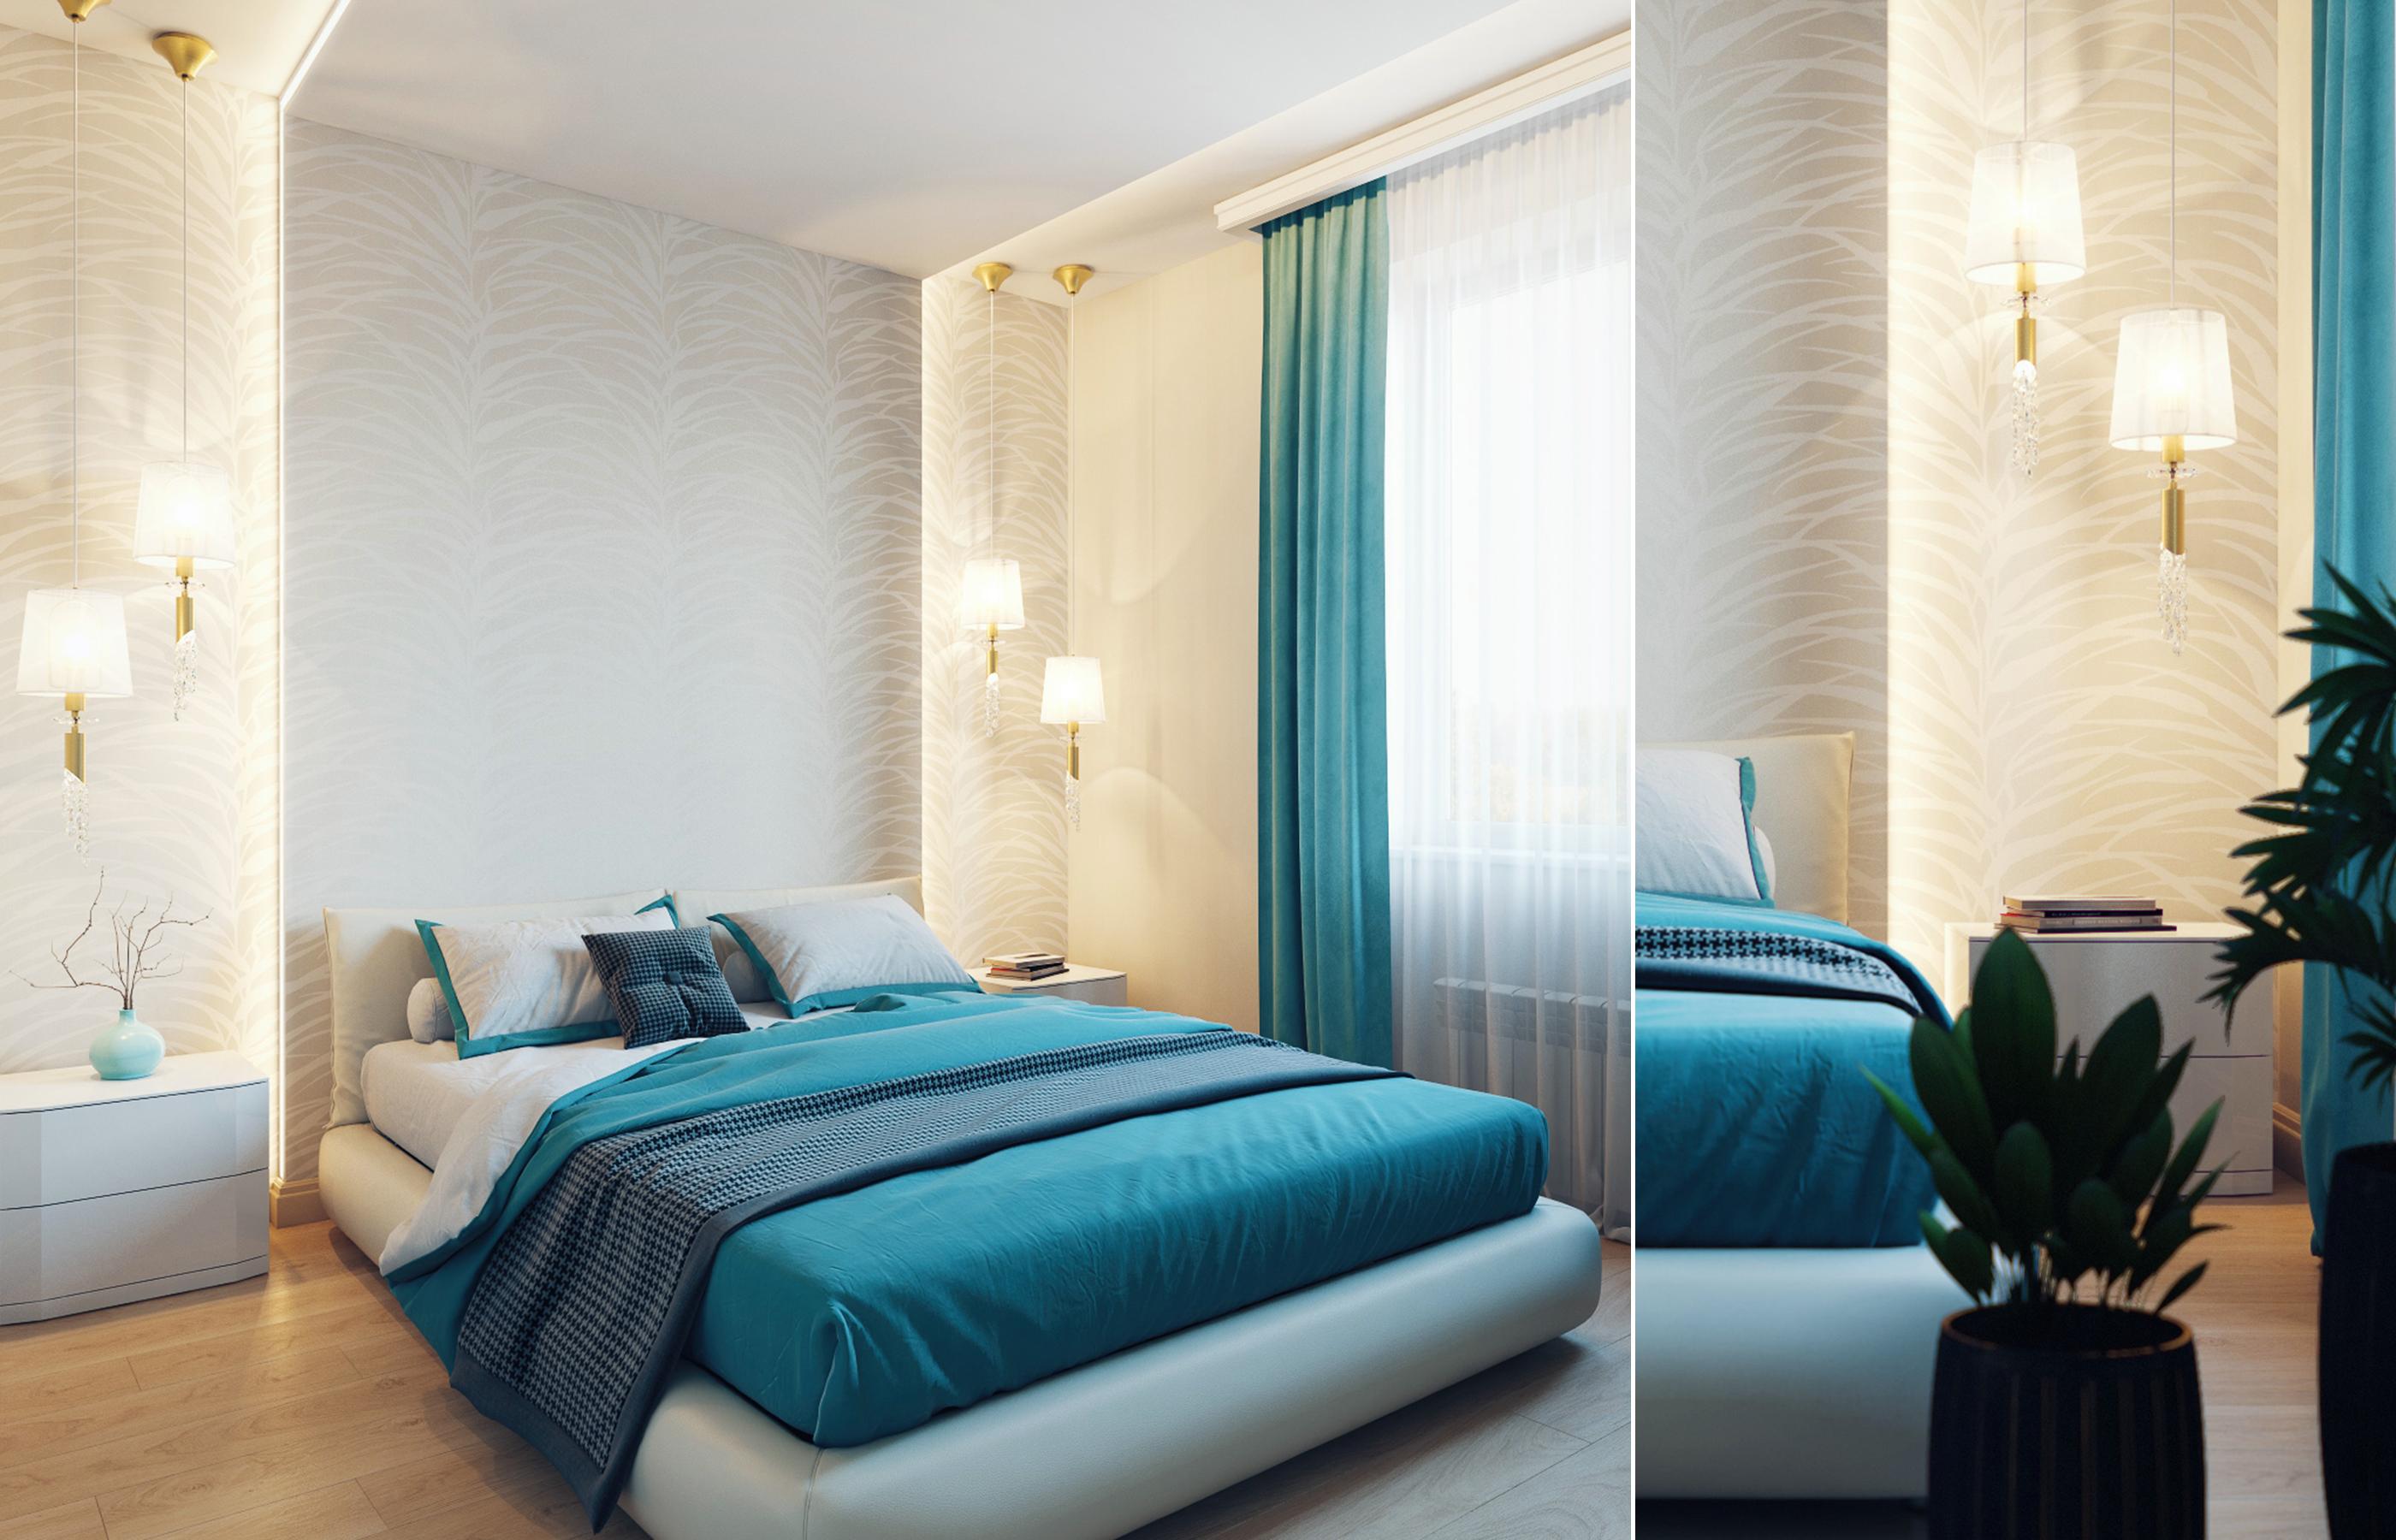 ЗД визуализация интерьера спальни